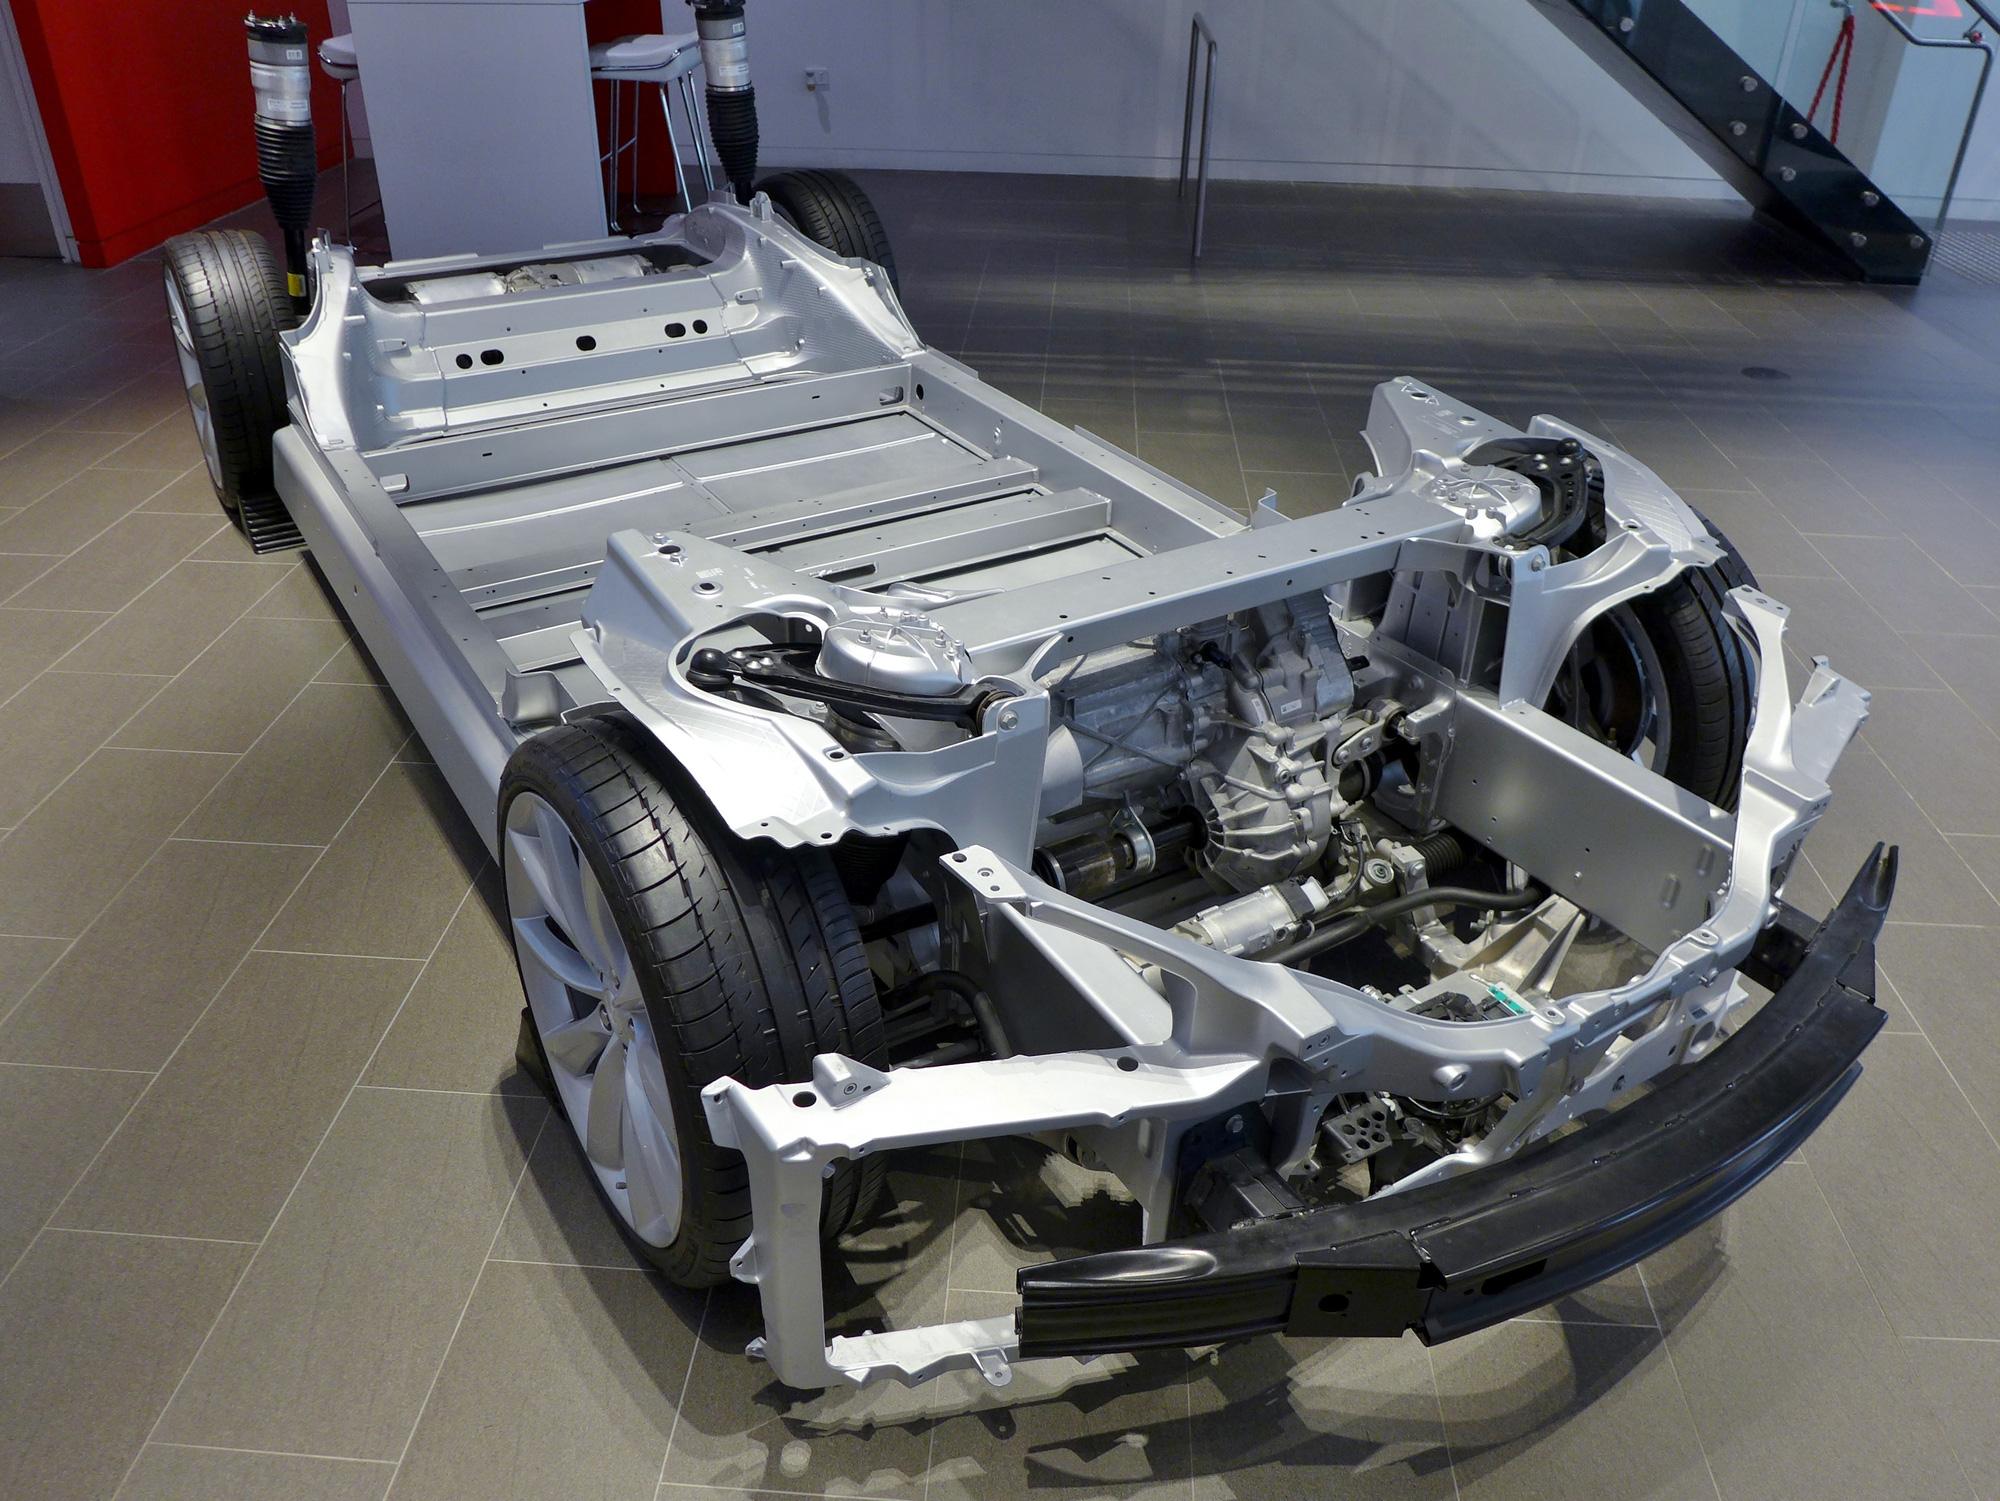 Mổ xẻ Tesla Model 3, kỹ sư Nhật kinh ngạc vì phát hiện ra điều không tưởng - Ảnh 4.